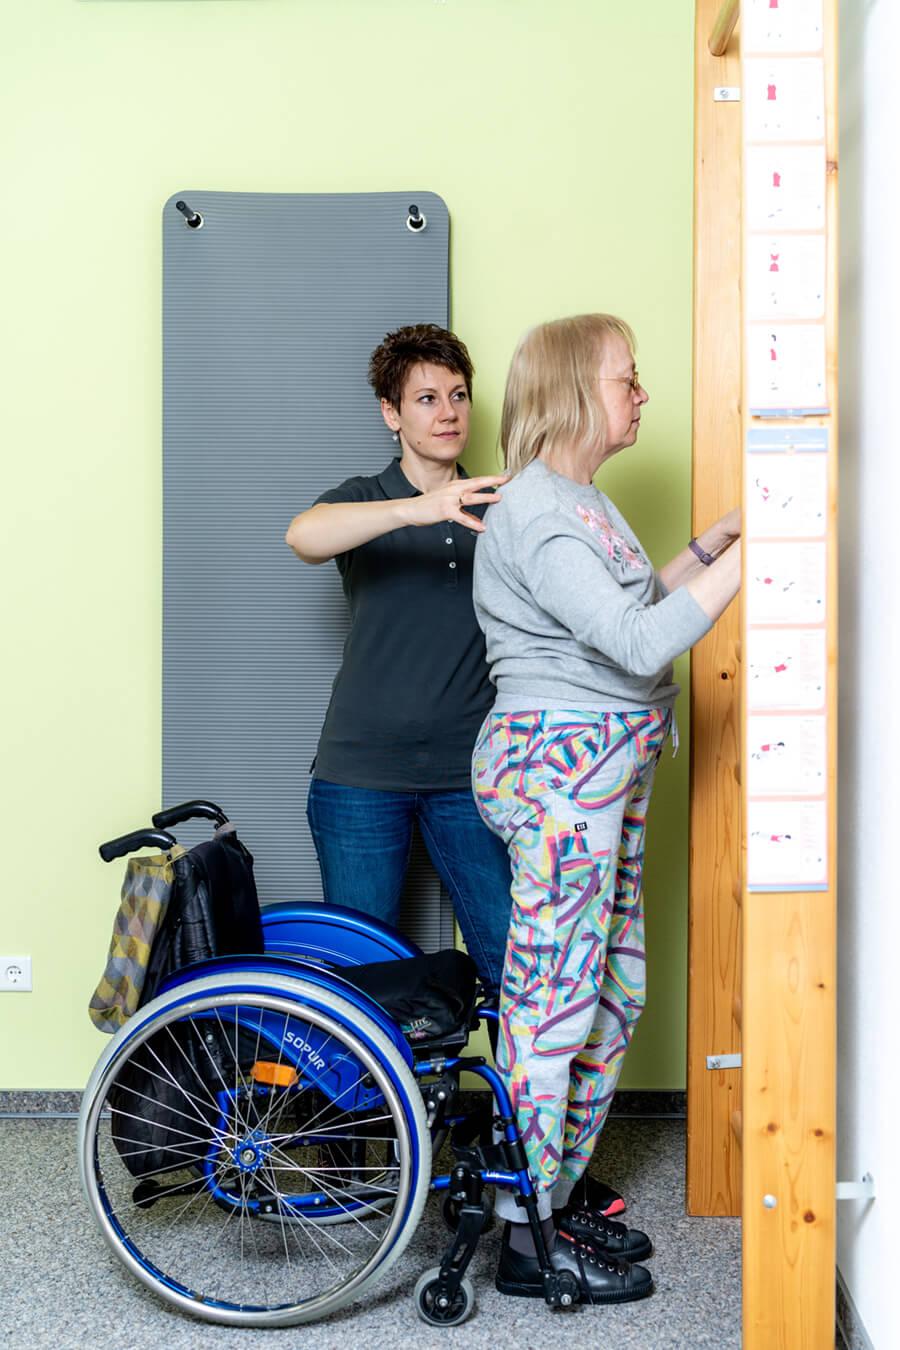 Physiotherapie Schorndorf - Oussama Kabbara - Behandlung in unserer Praxis